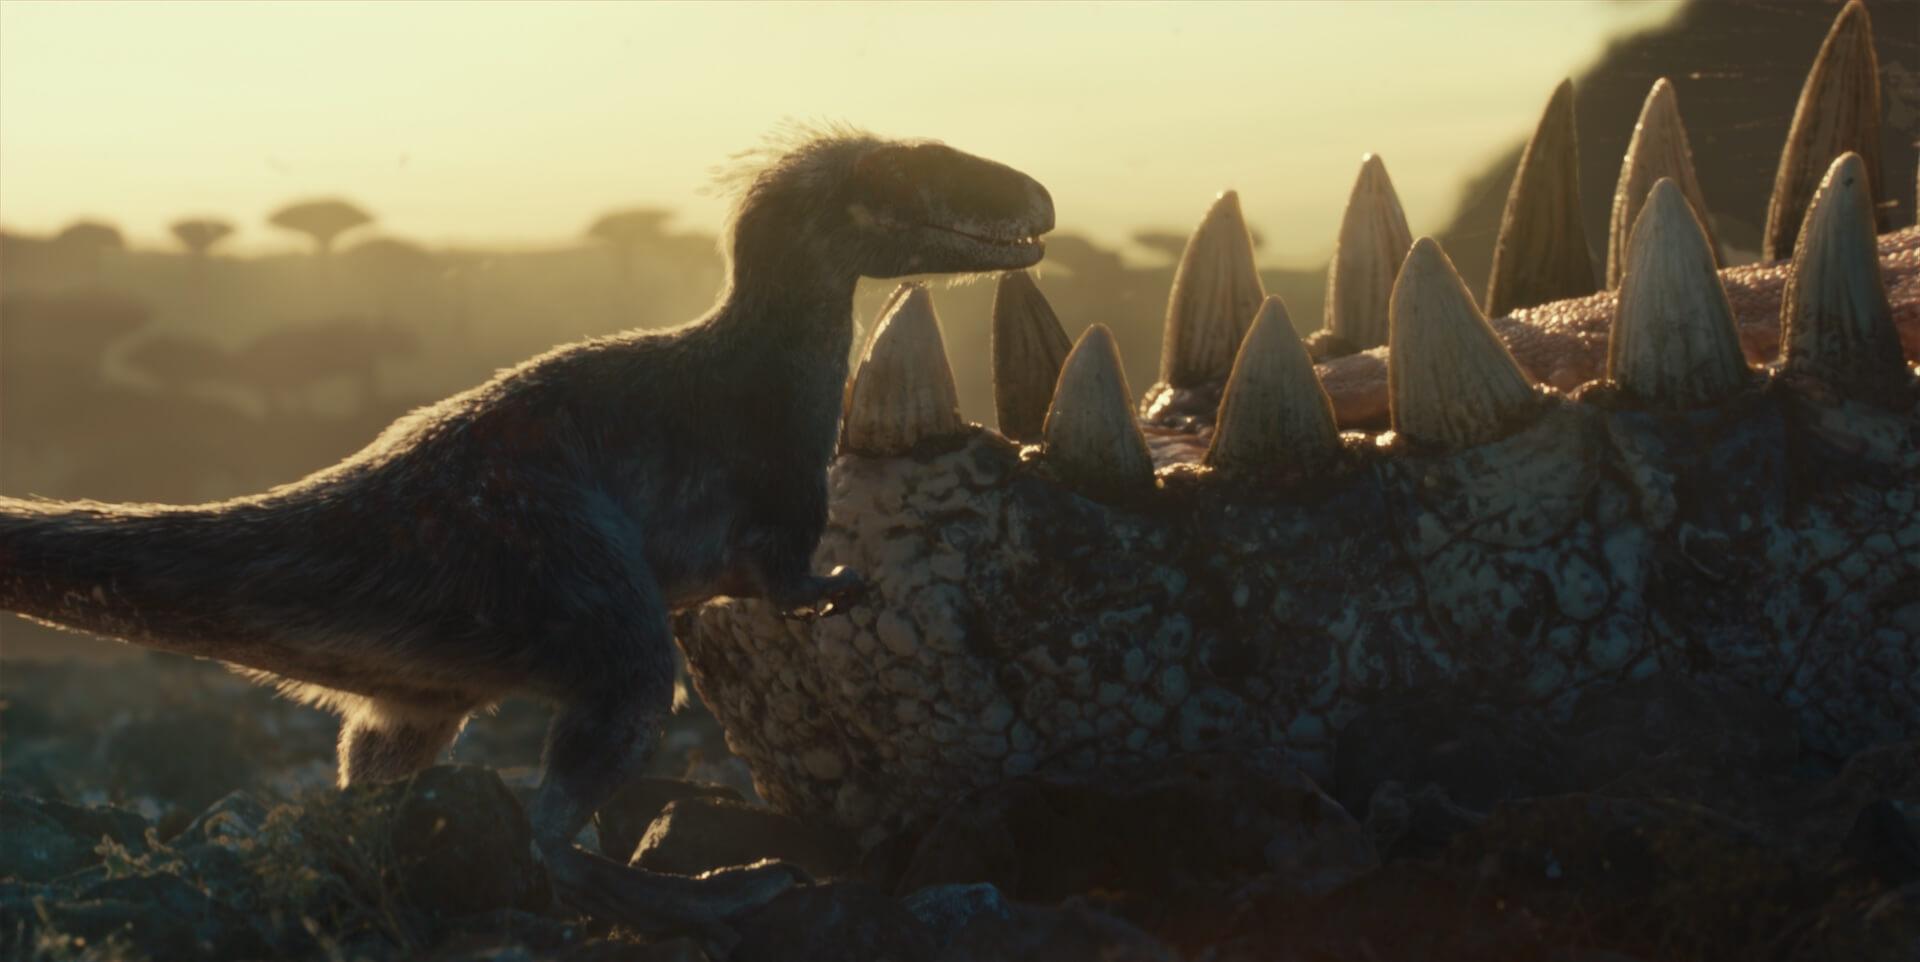 『ジュラシック・ワールド』がスクリーンに帰ってくる!『ジュラシック・ワールド/ドミニオン(原題)』IMAX特別映像が公開決定 film210611_jurasicworld_2